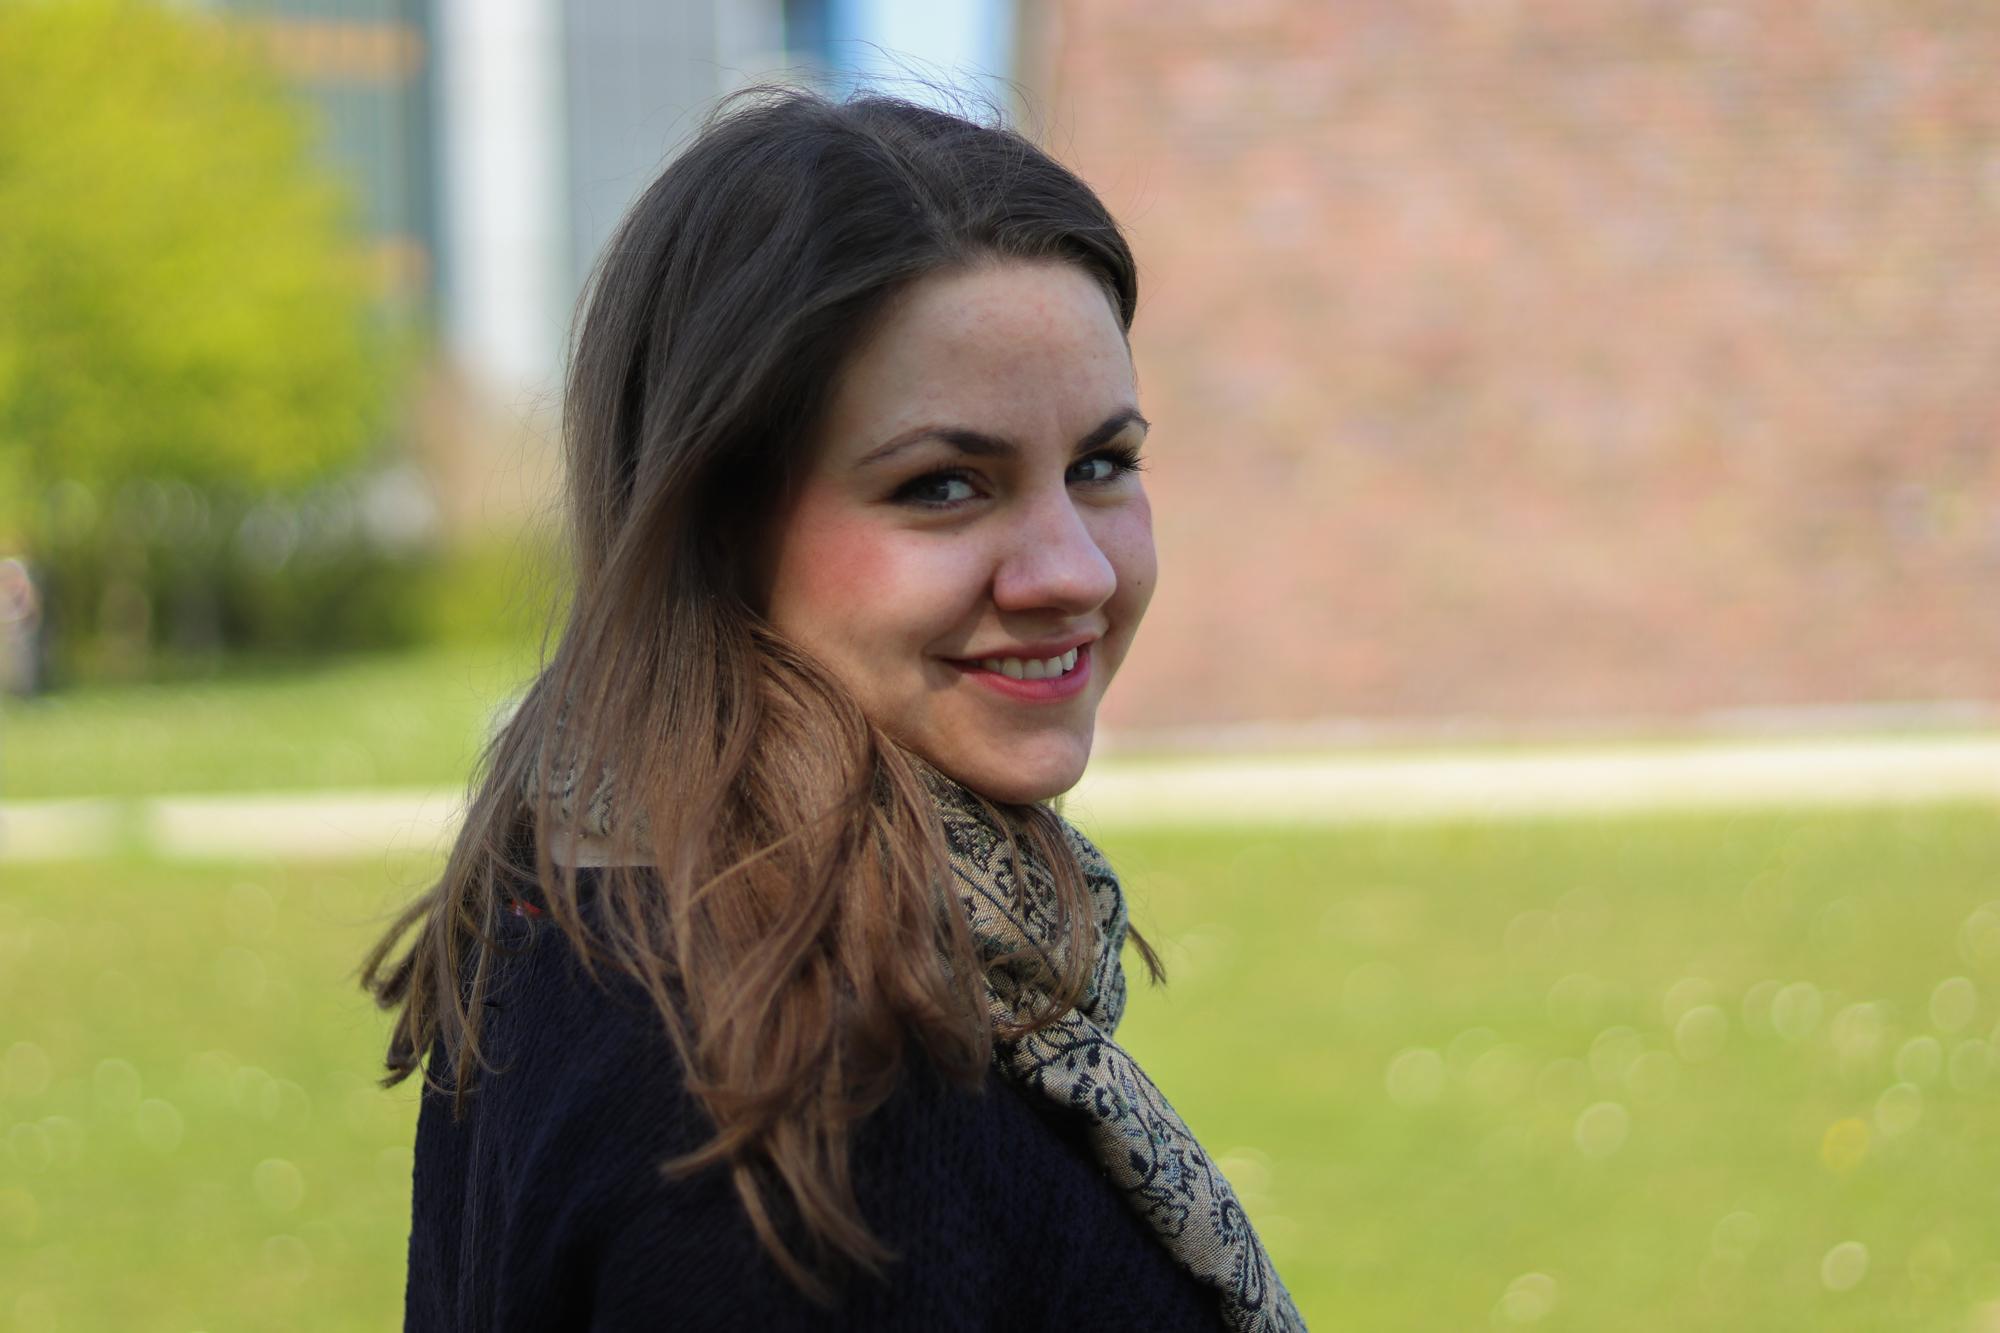 Sophia Eickholt